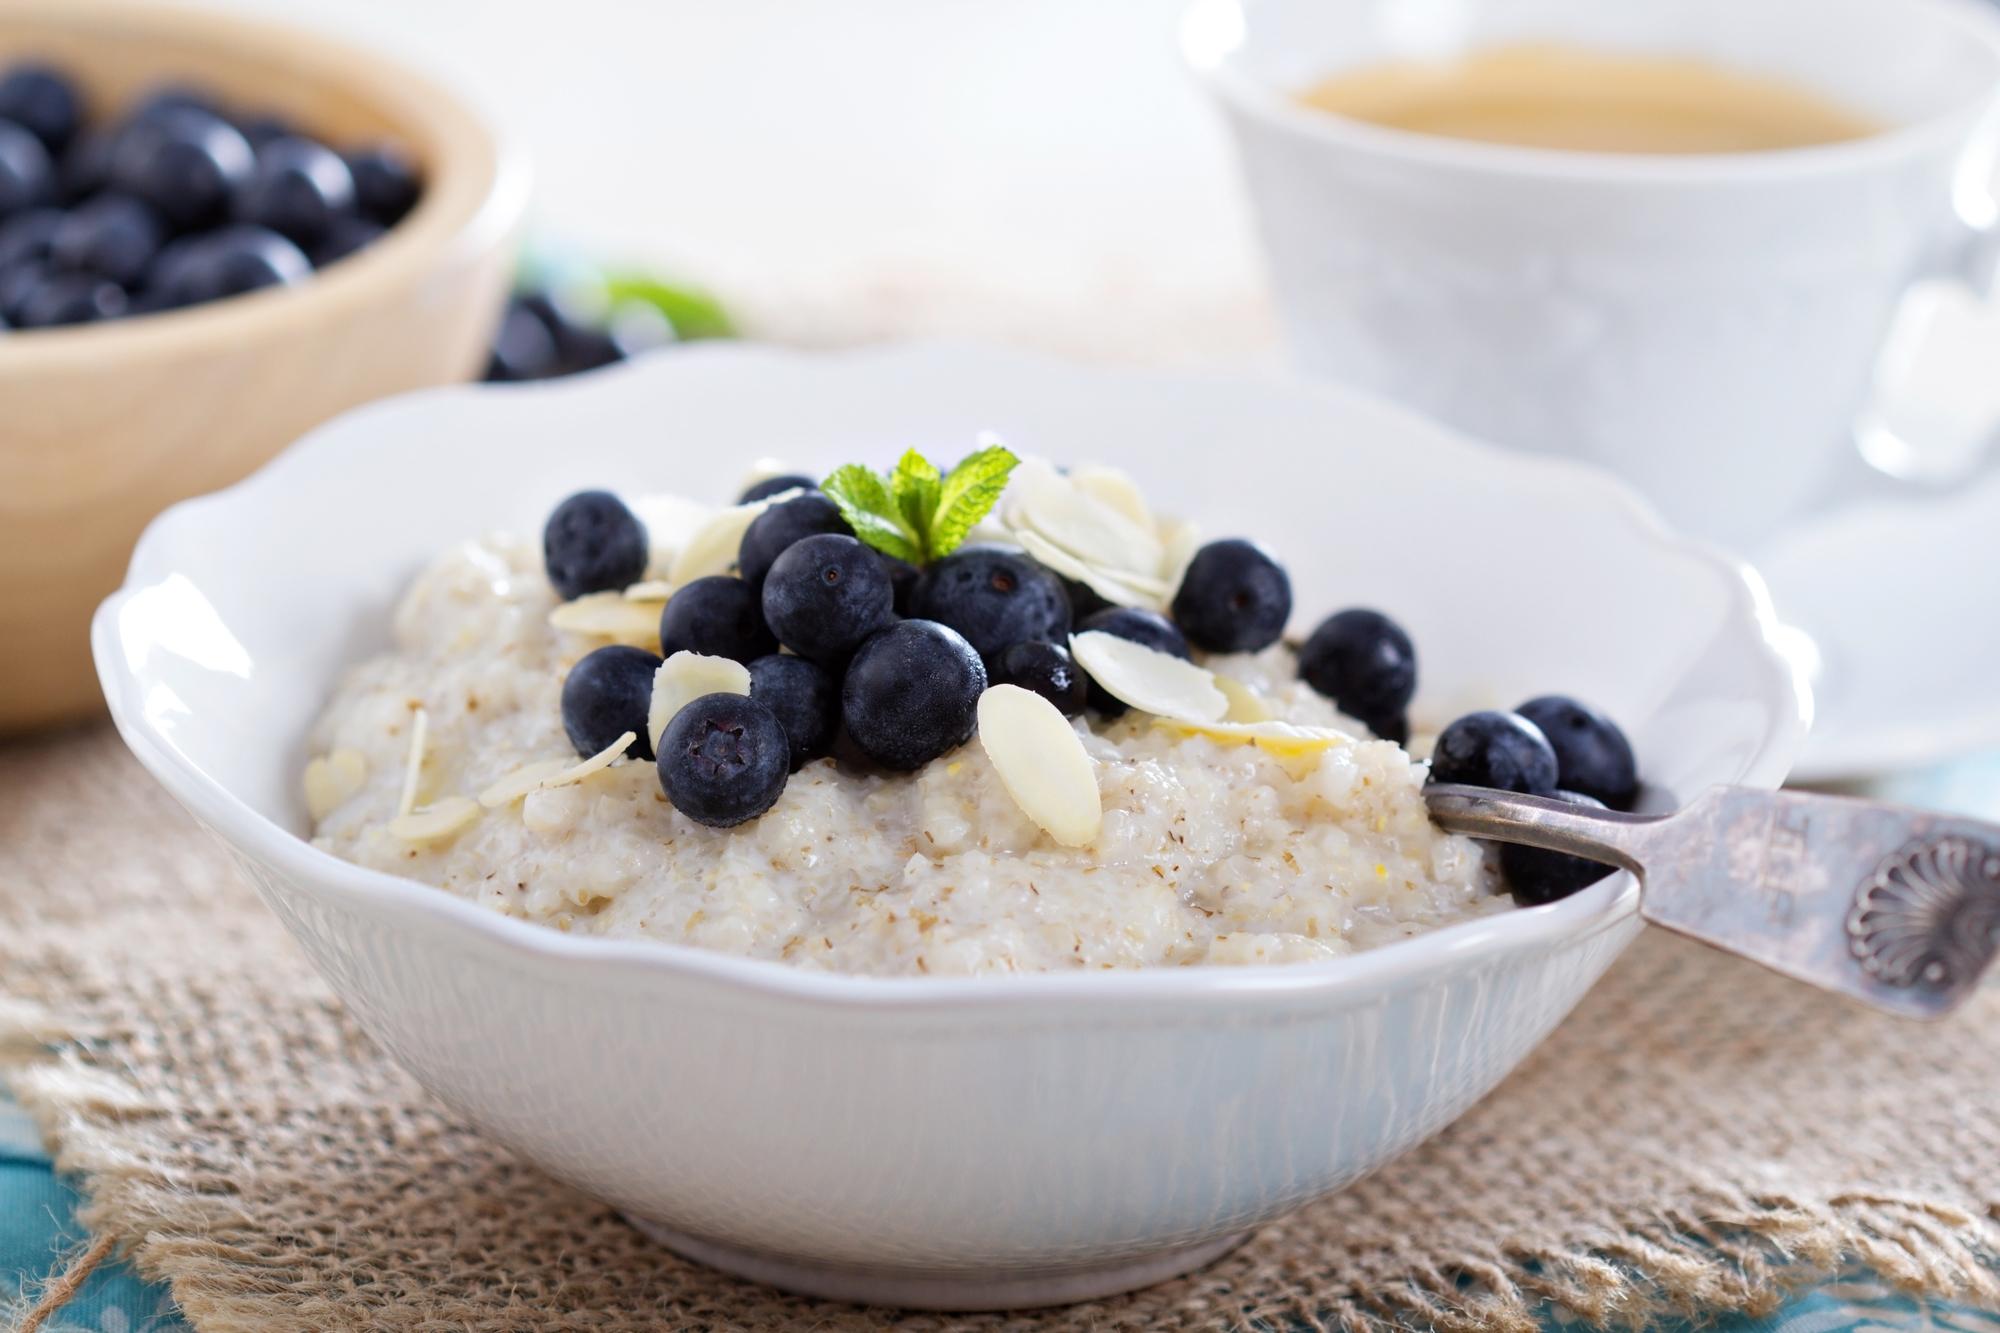 warm-porridge-with-blueberries